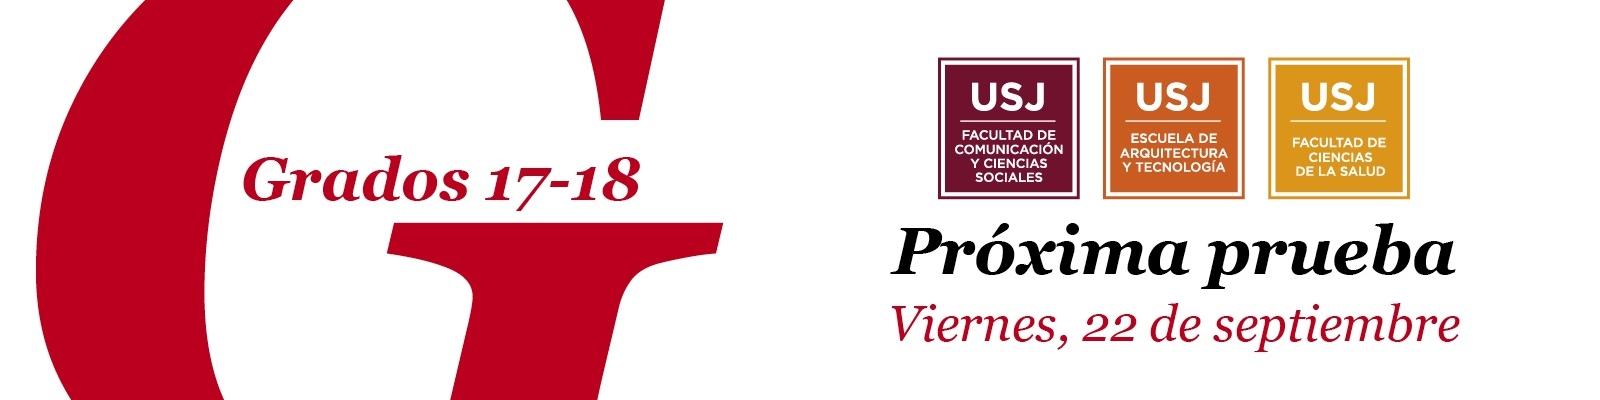 Próxima prueba de admisión de la Universidad San Jorge, 22 de septiembre